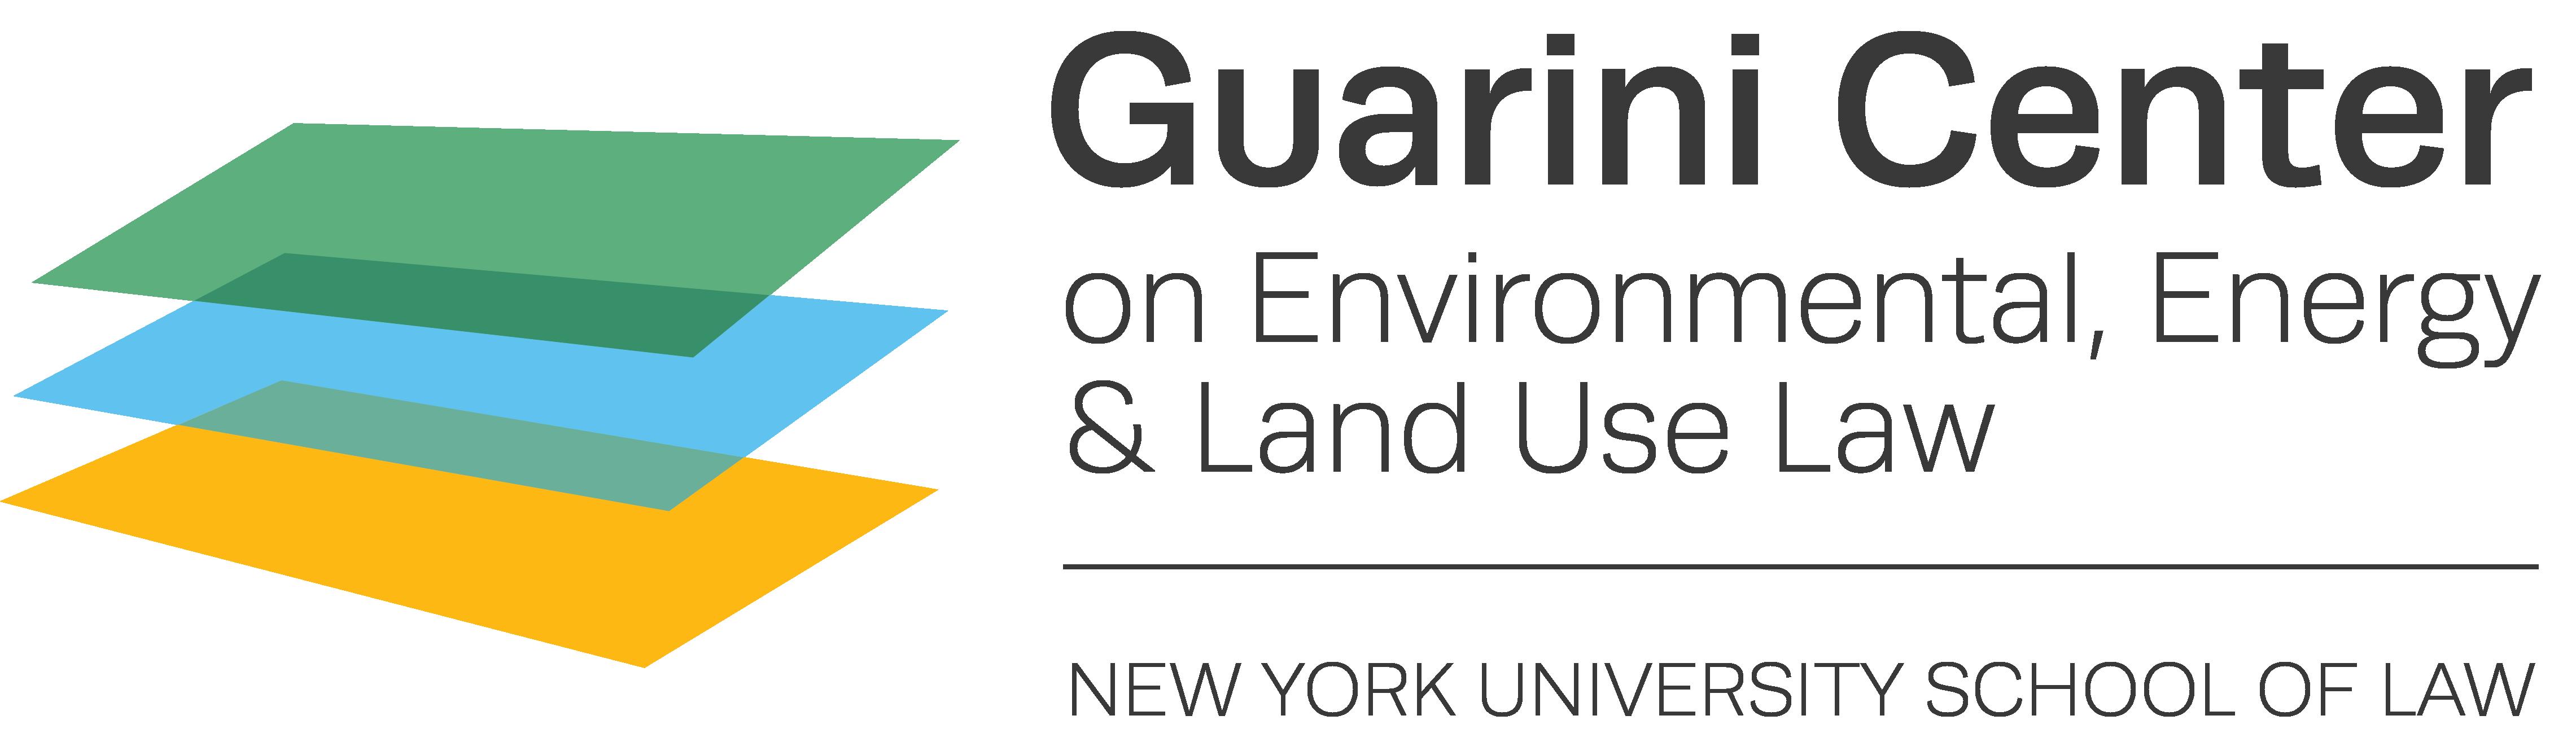 Guarini Center